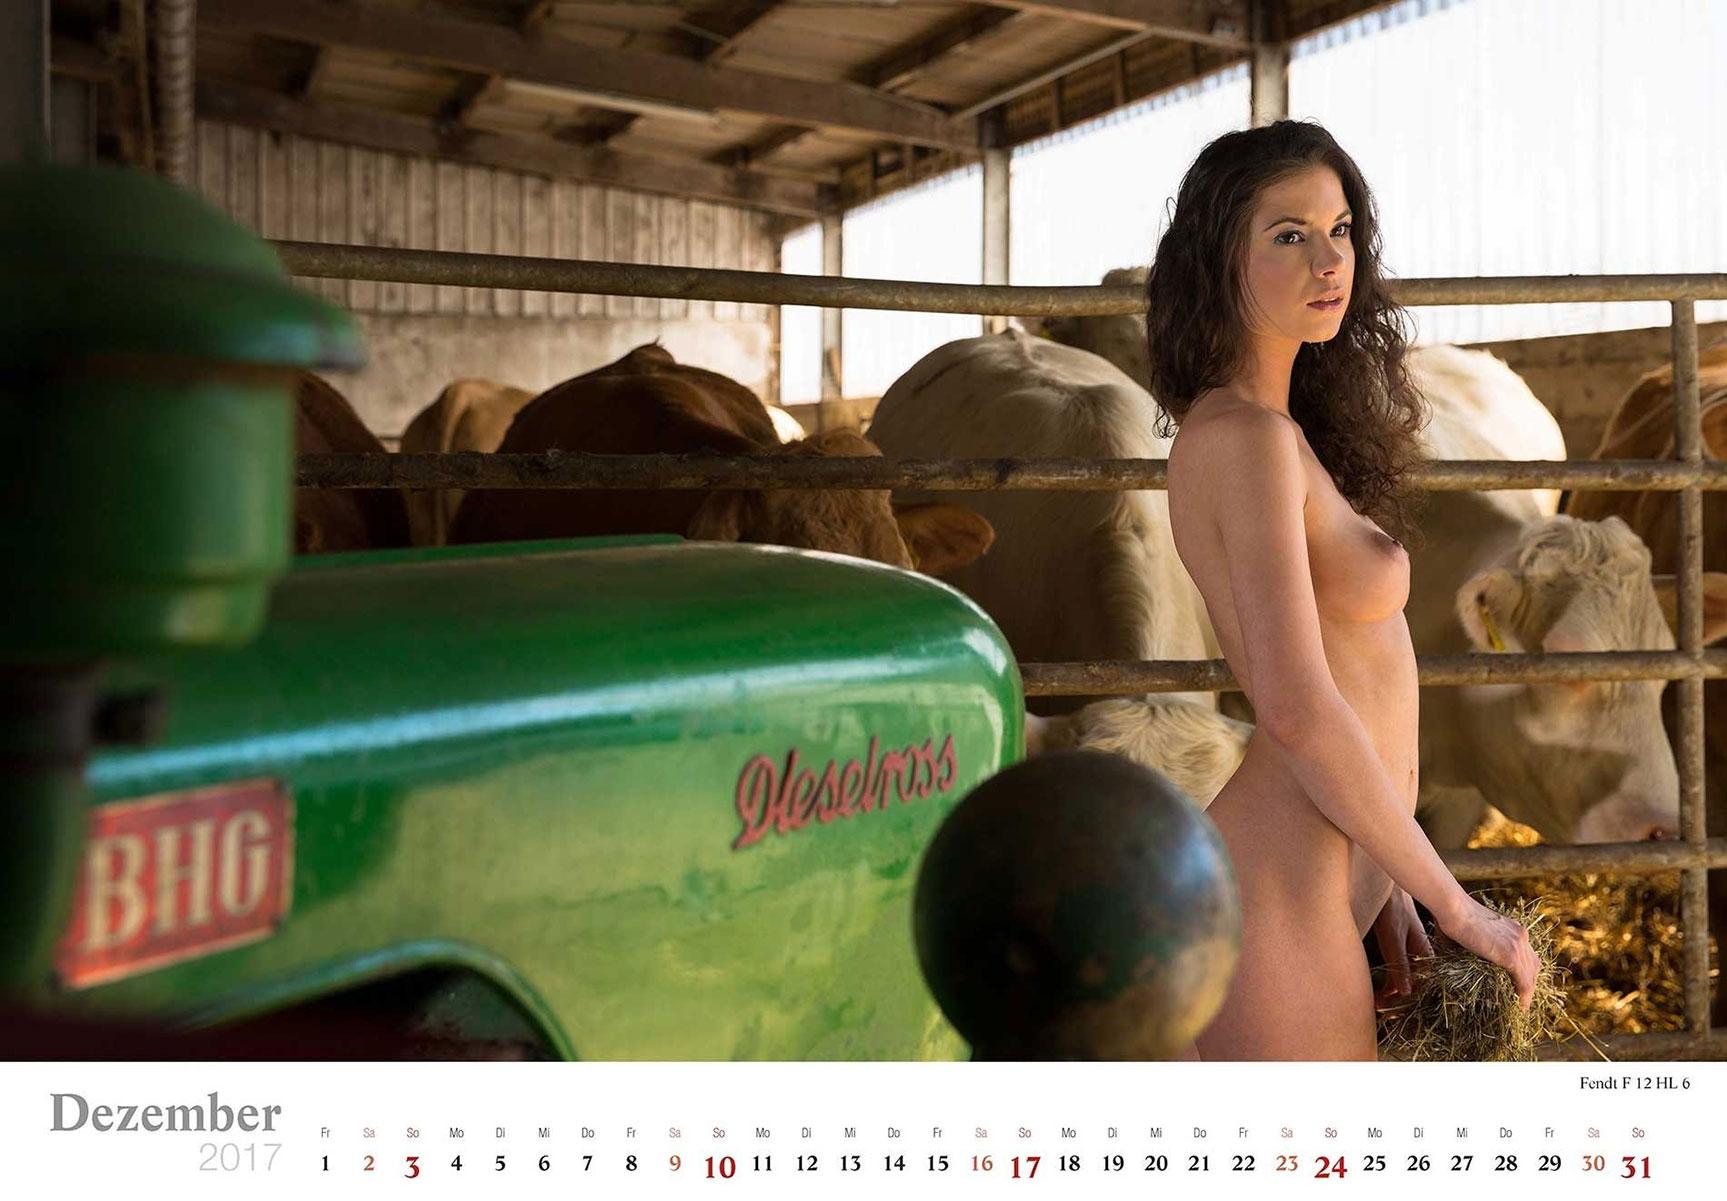 Девушки и трактора в эротическом календаре 2017 / Fendi F 12 HL 6 - Jungbauerntraume calendar 2017